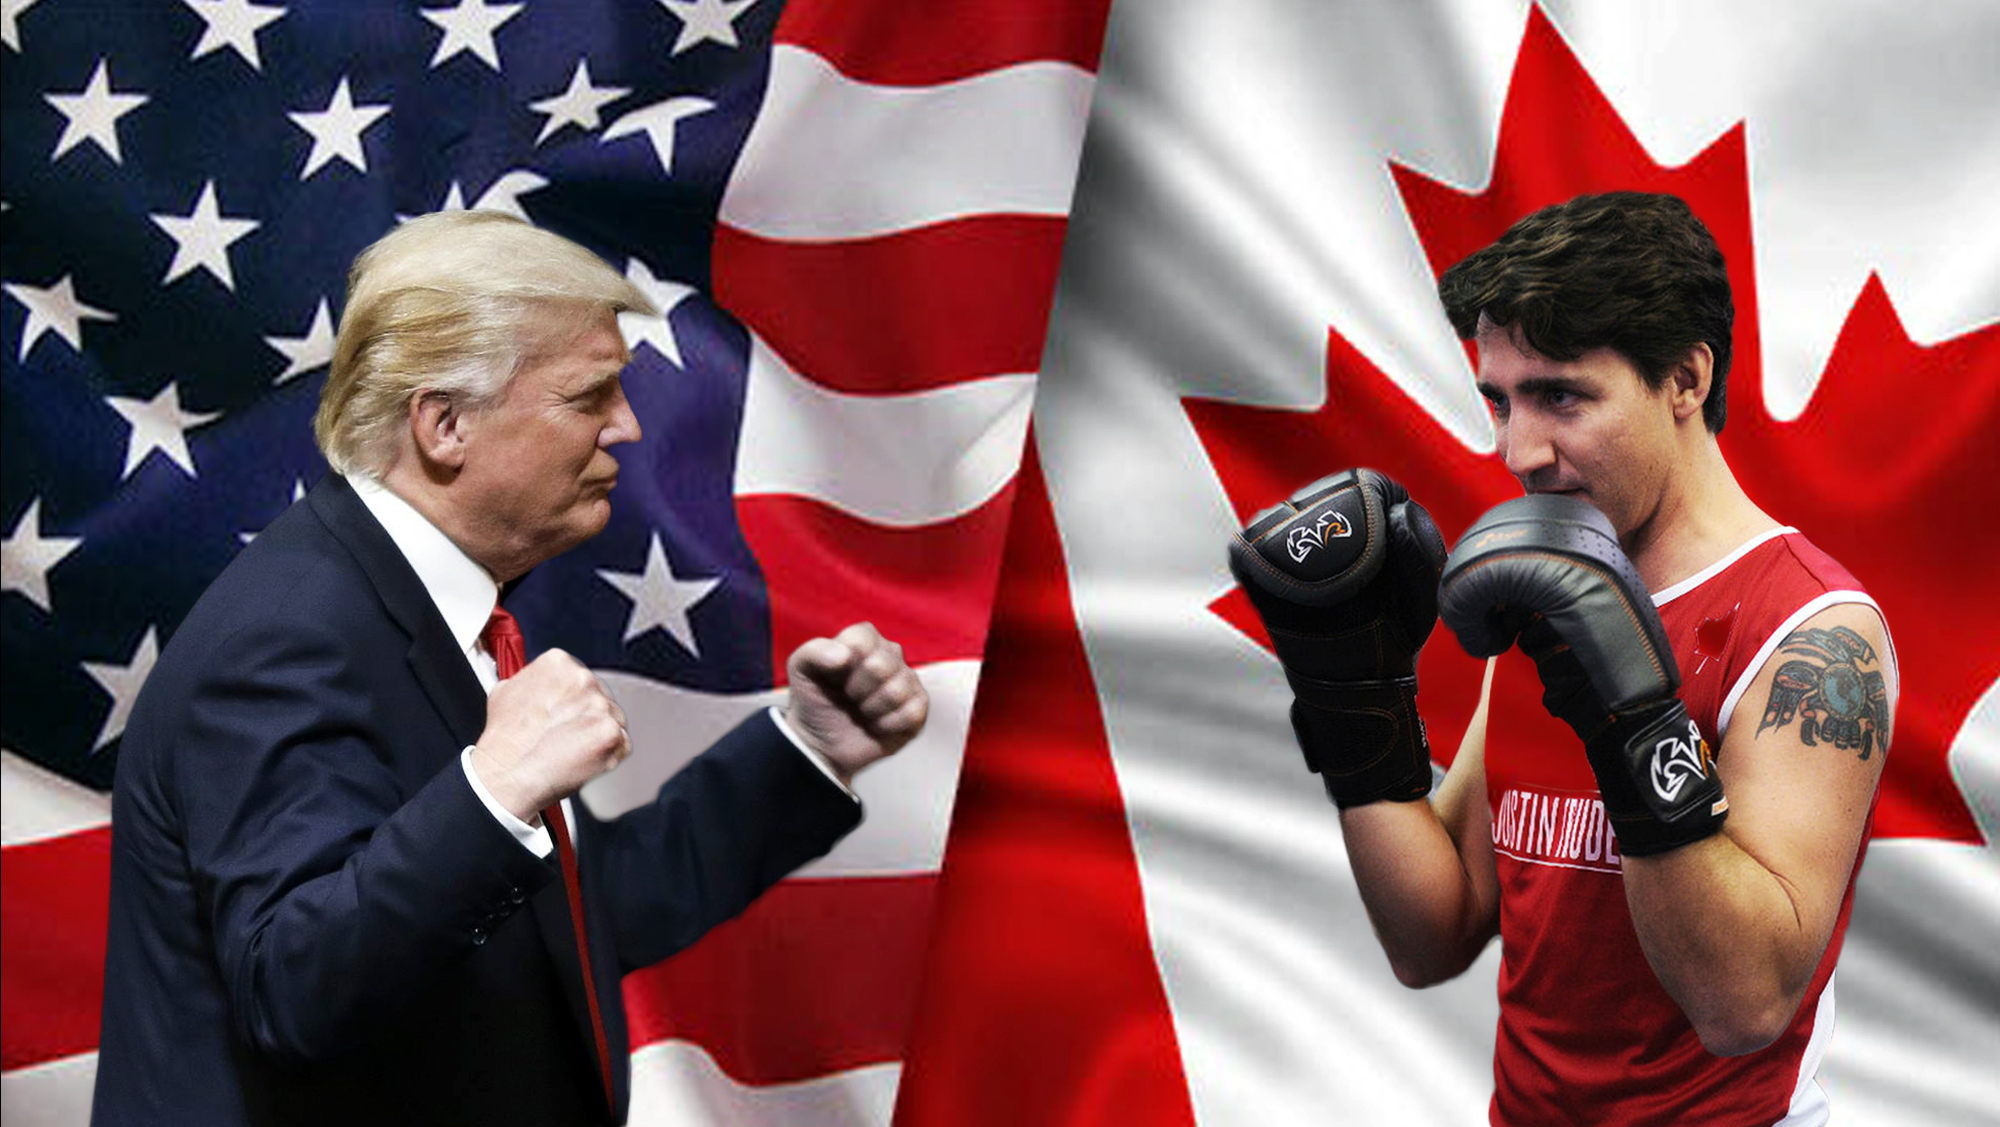 Canada-US Relations, Justin Trudeau, Donald Trump